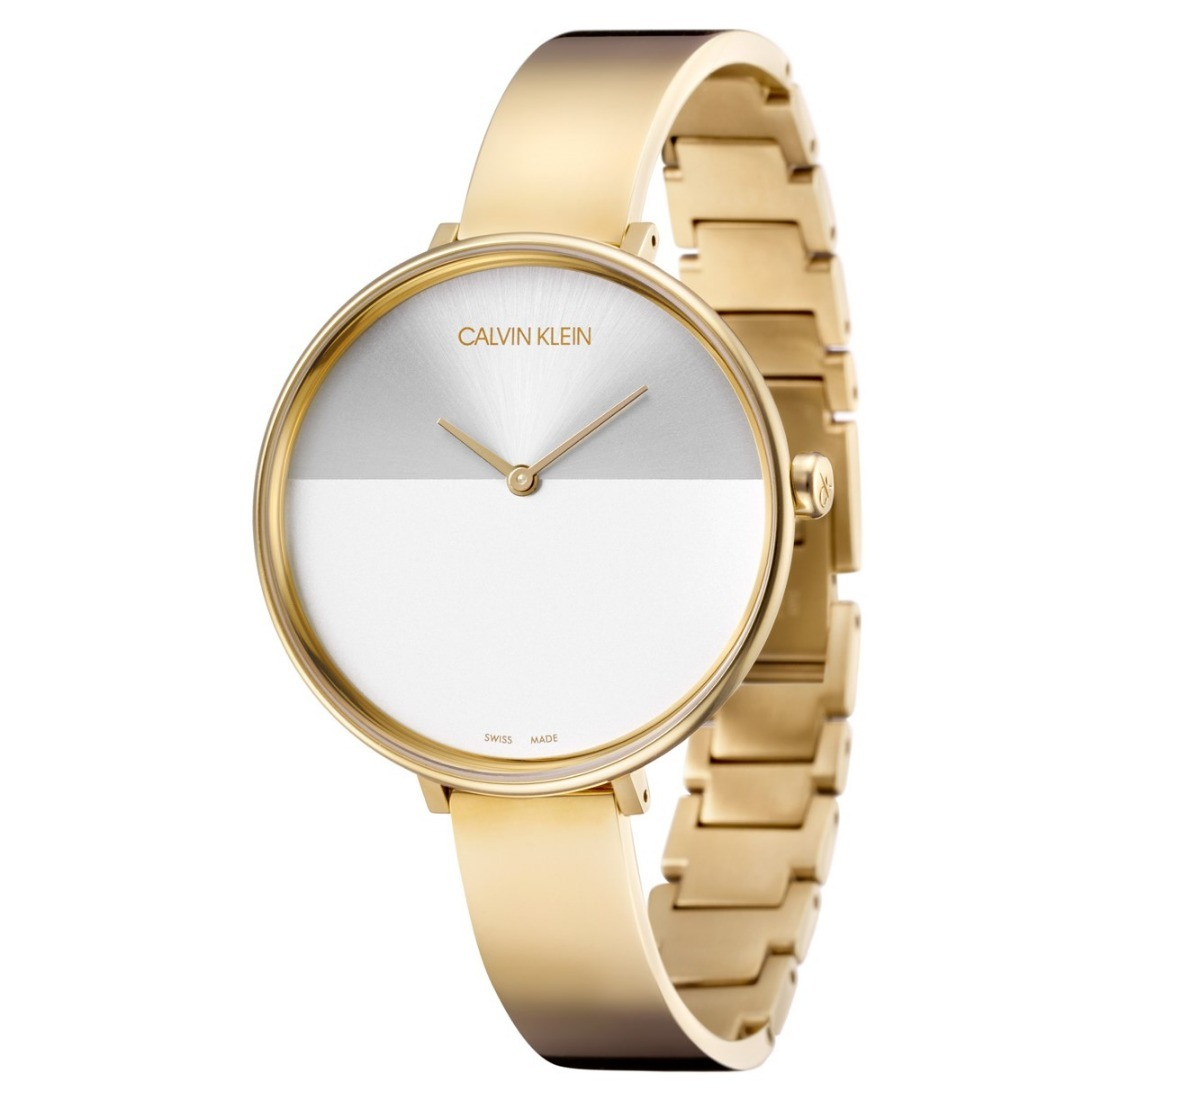 Reloj Calvin Klein De Doradoblanco Rise Dama K7a23546 Acero 5ALRj4